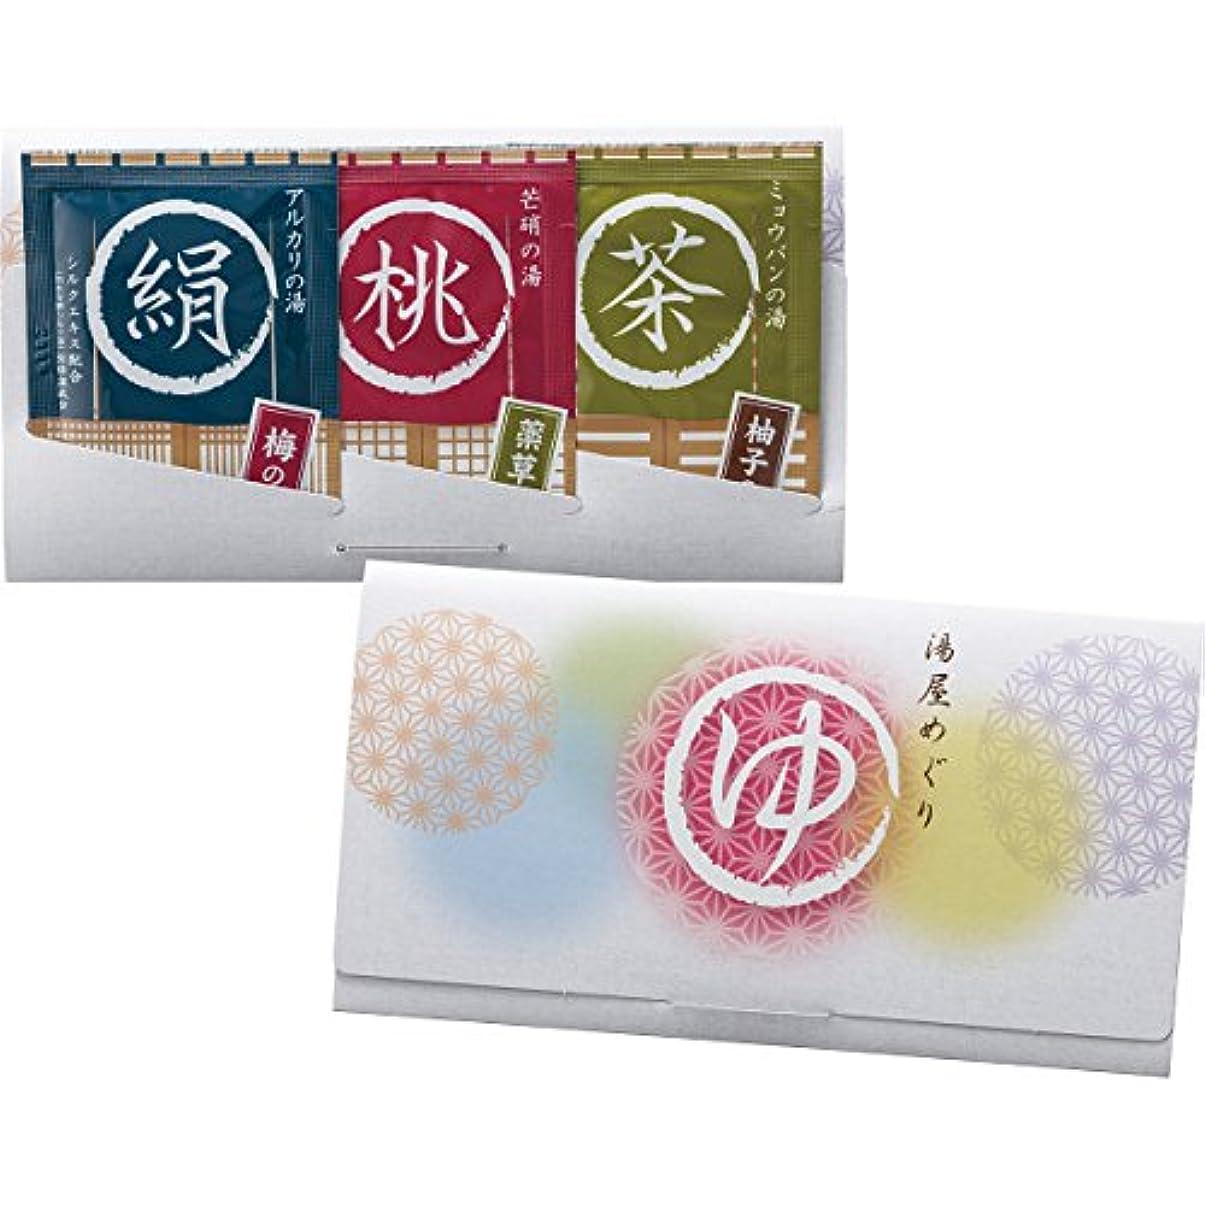 最小パノラマ軽く湯屋めぐり 三ツ折(3包入)【B倉庫】